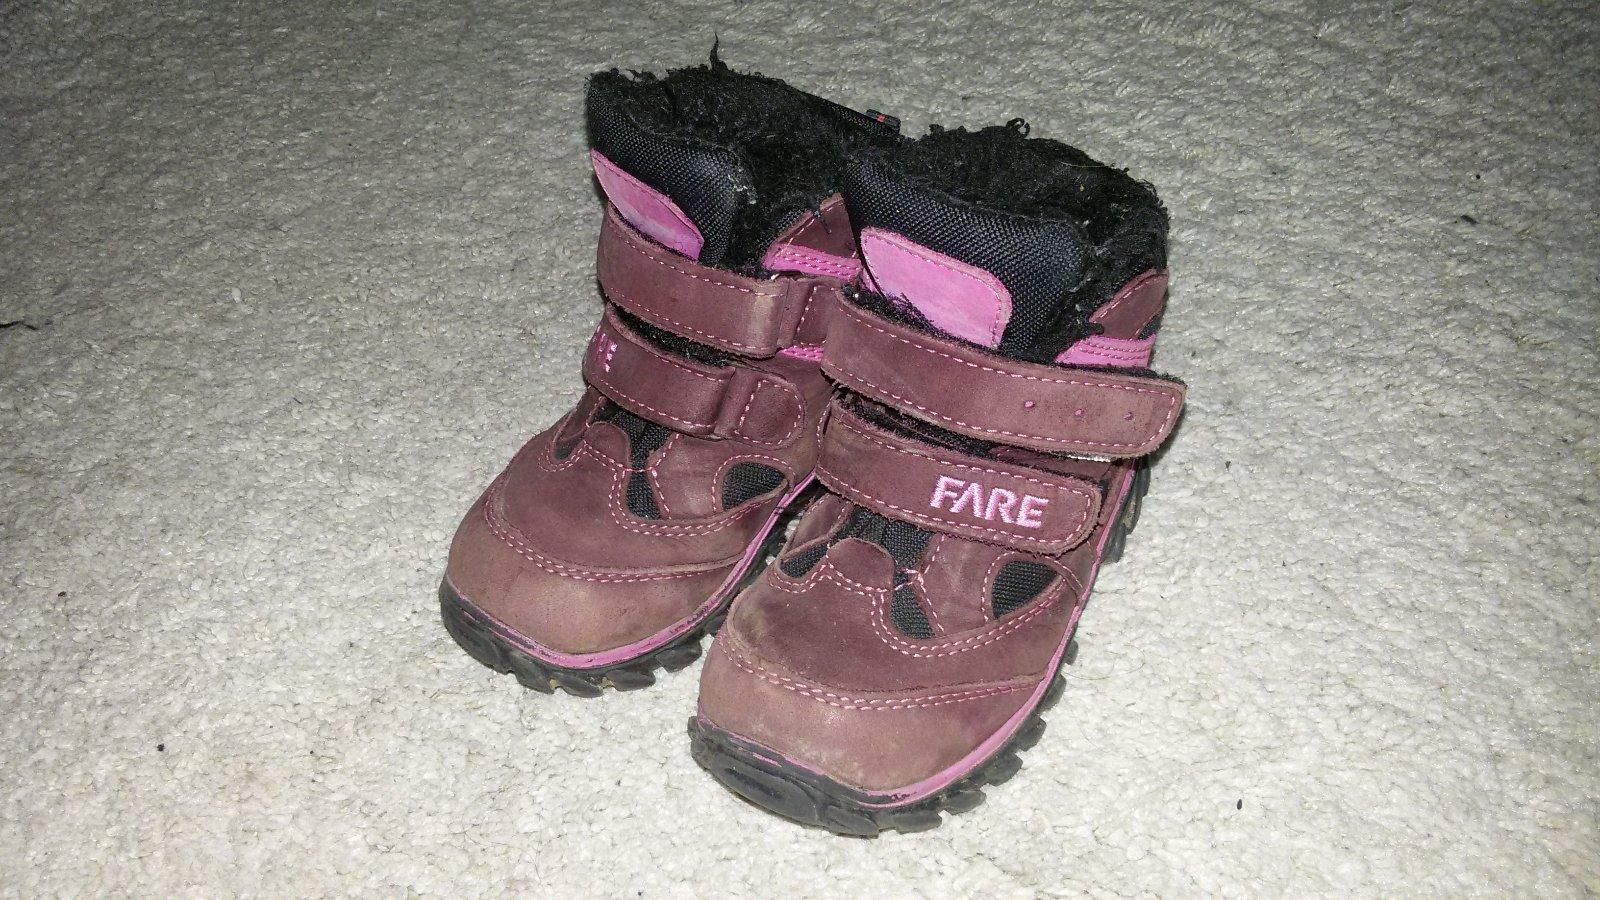 5f3d4c83dee Zimní boty fare